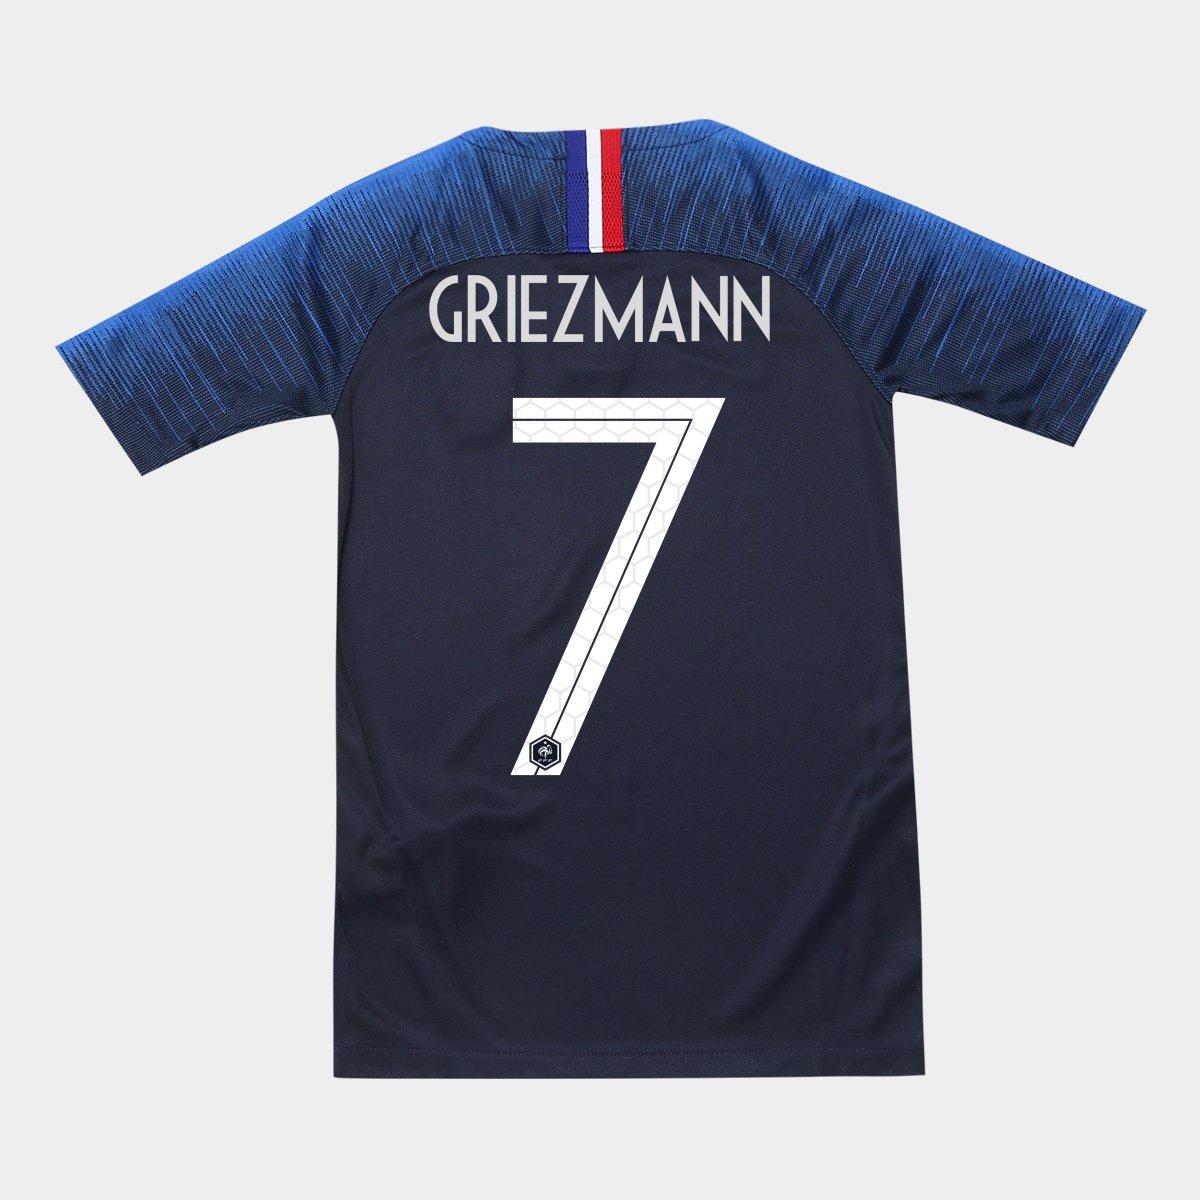 Camisa Seleção França Juvenil Home 2018 n° 7 Griezmann - Torcedor Nike -  Compre Agora  123306f152868